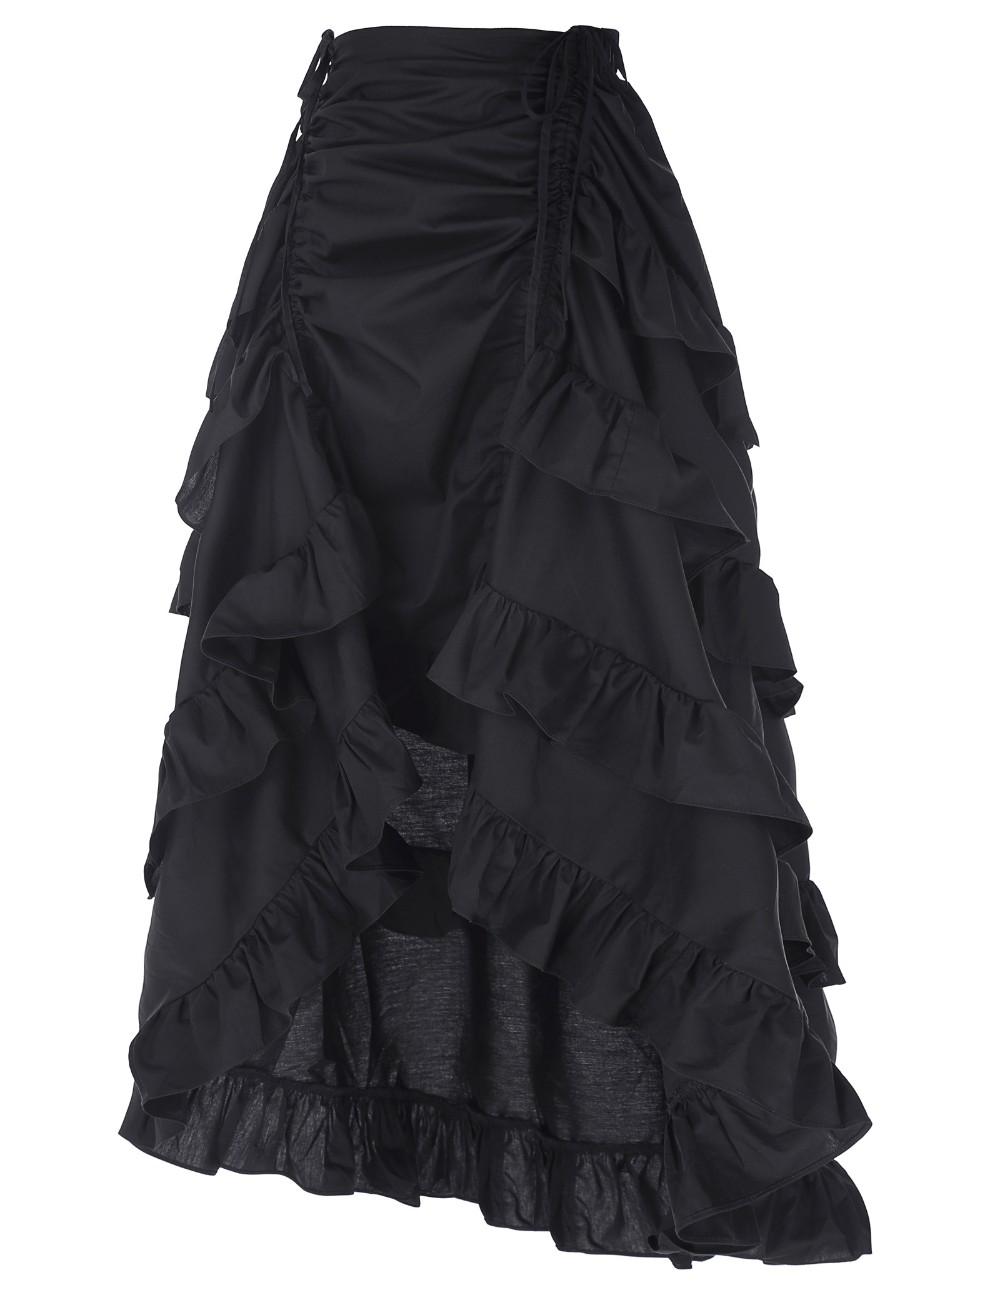 6d02f17c6c4d42 STEAMPUNK STORY Jupe noire avec étages de froufrous, gothique romantique  victorien